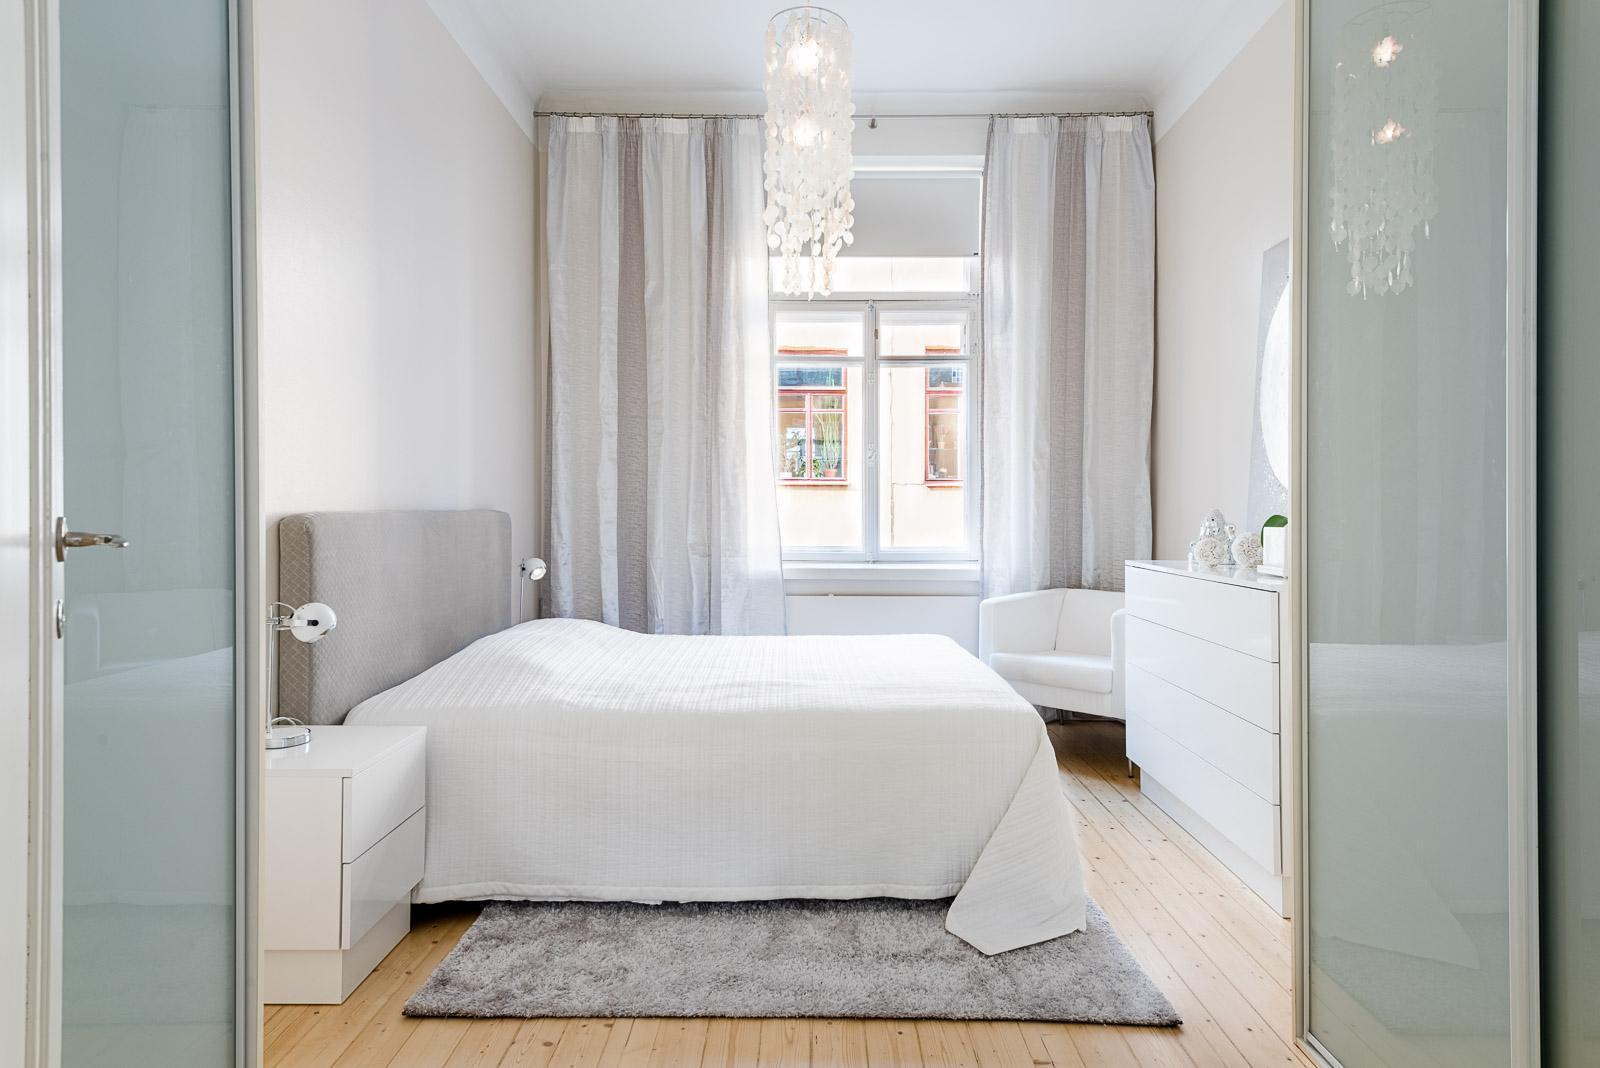 valkoinen sisustus makuuhuoneessa